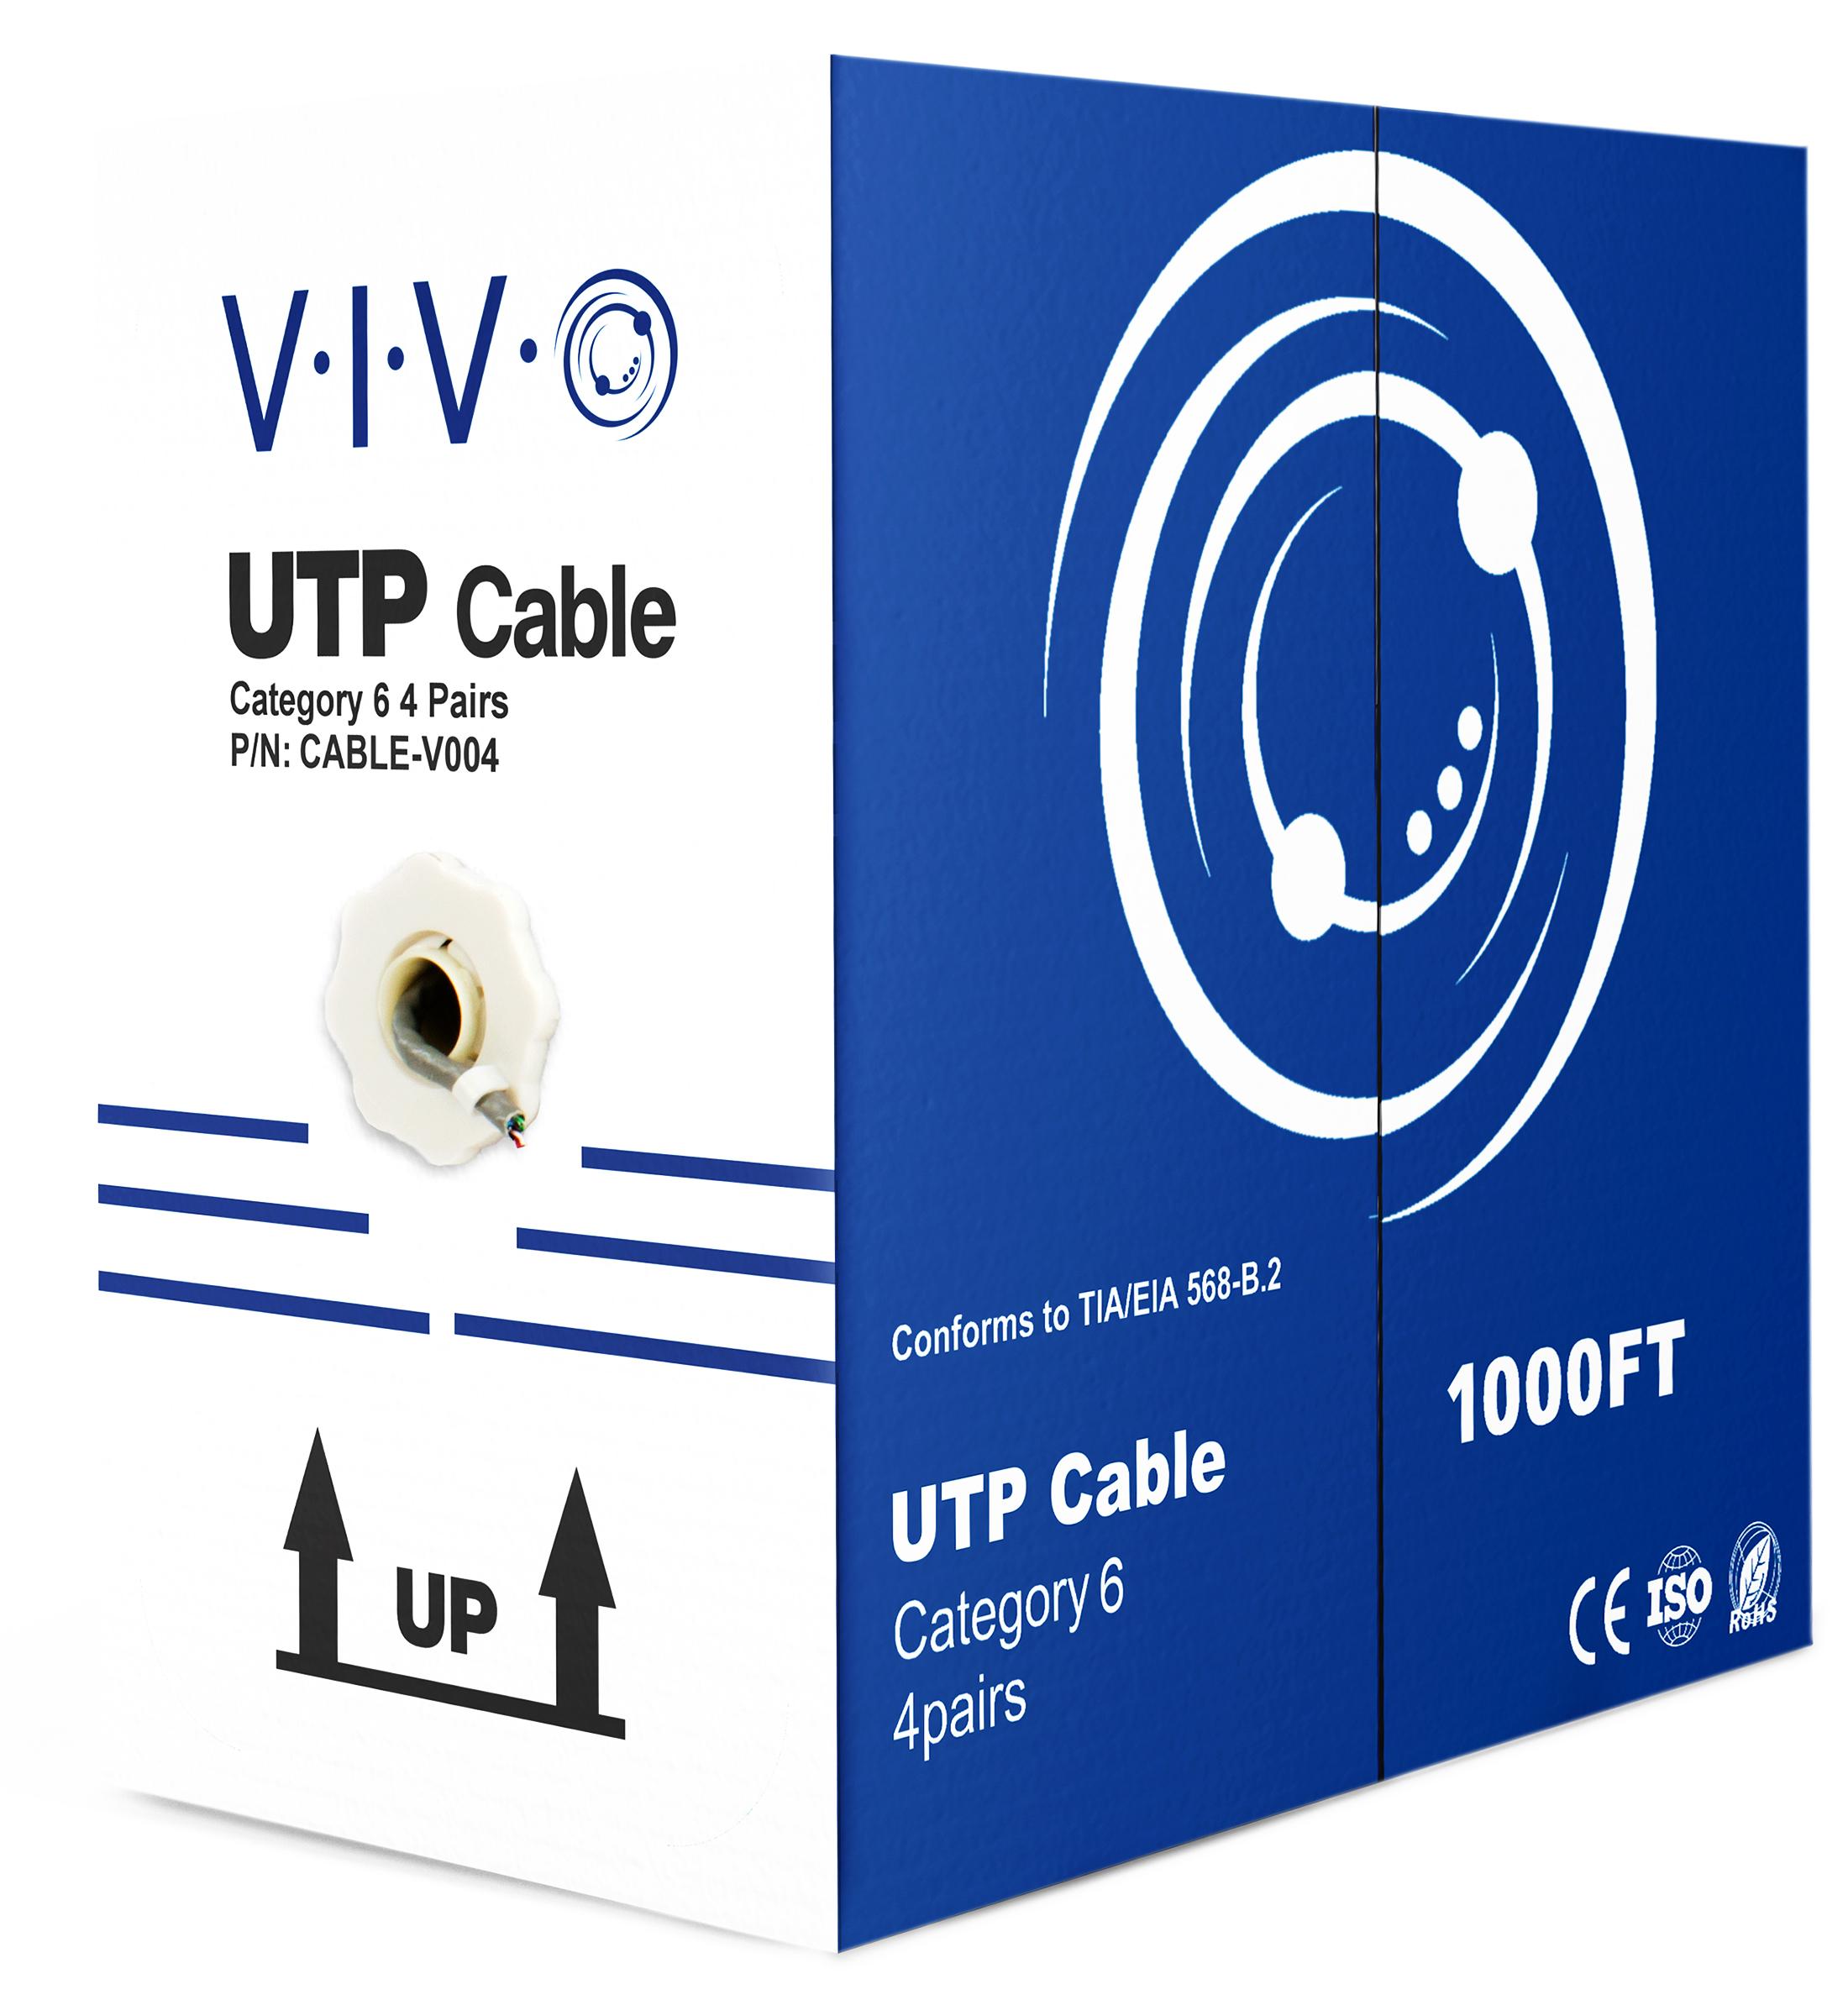 New 1 000 Ft Bulk Cat6 Lan Ethernet Cable Wire Utp 1000ft Pull Box Cat 6 Grey 616983123997 Ebay